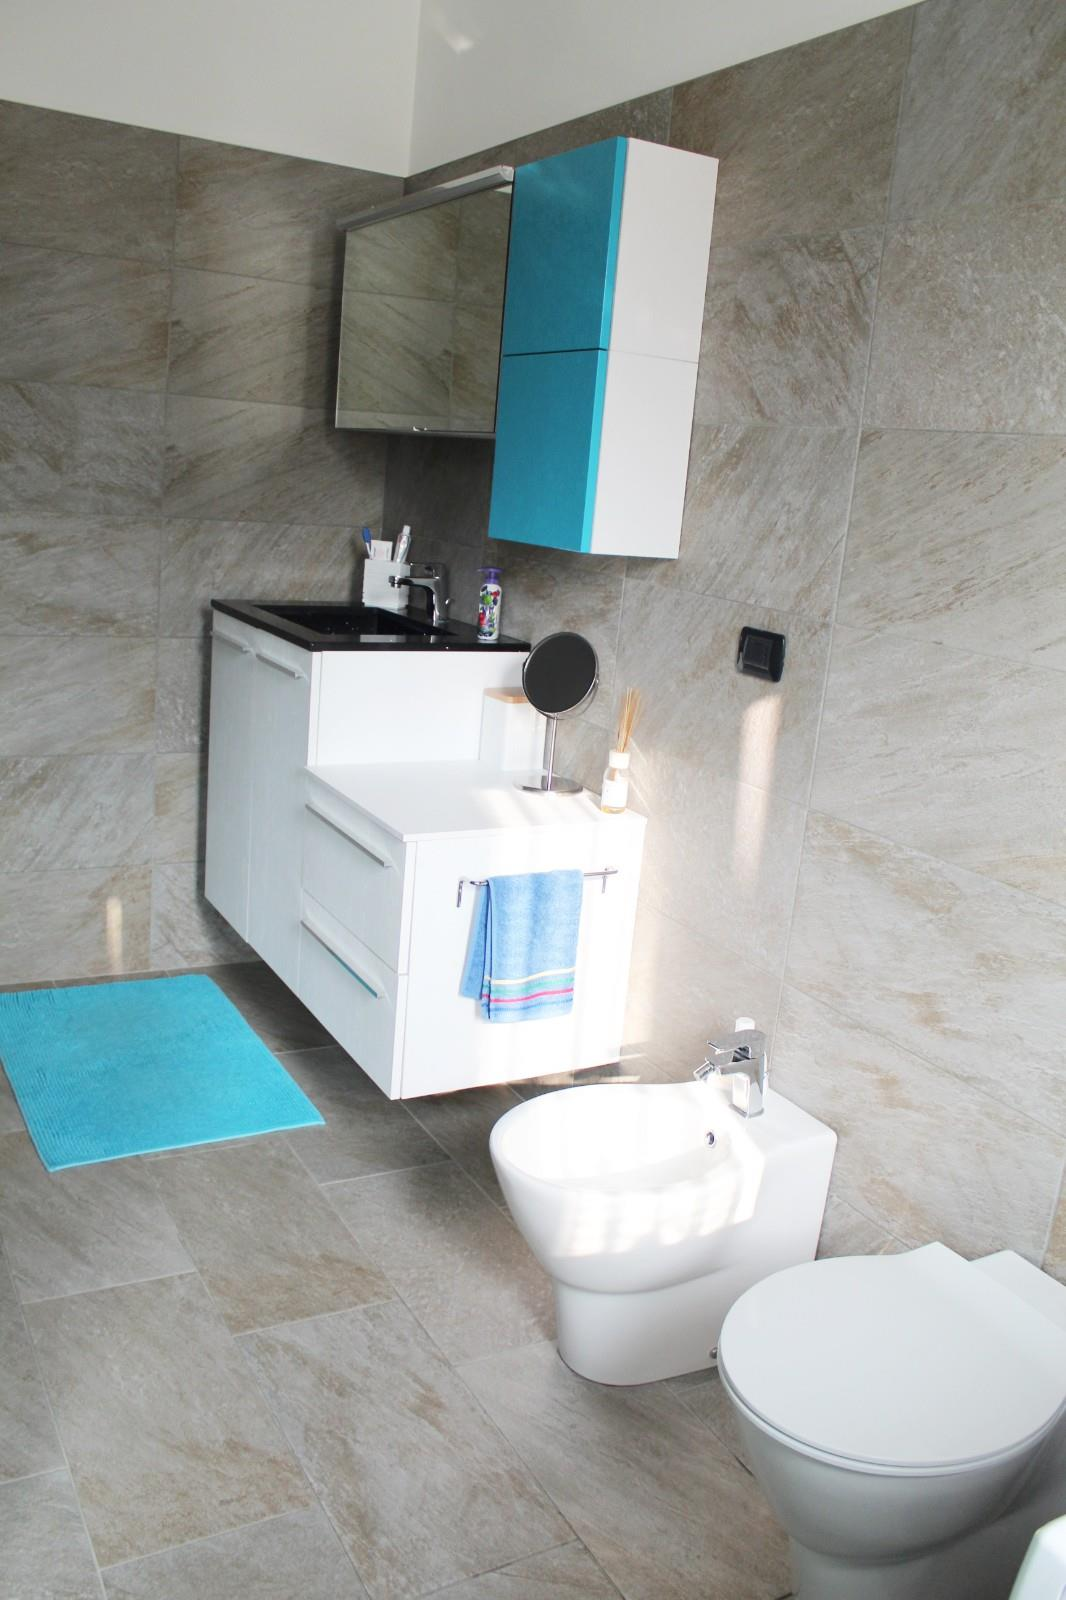 Foto 11 - Appartamento in Vendita - Carate Brianza (Monza e Brianza)